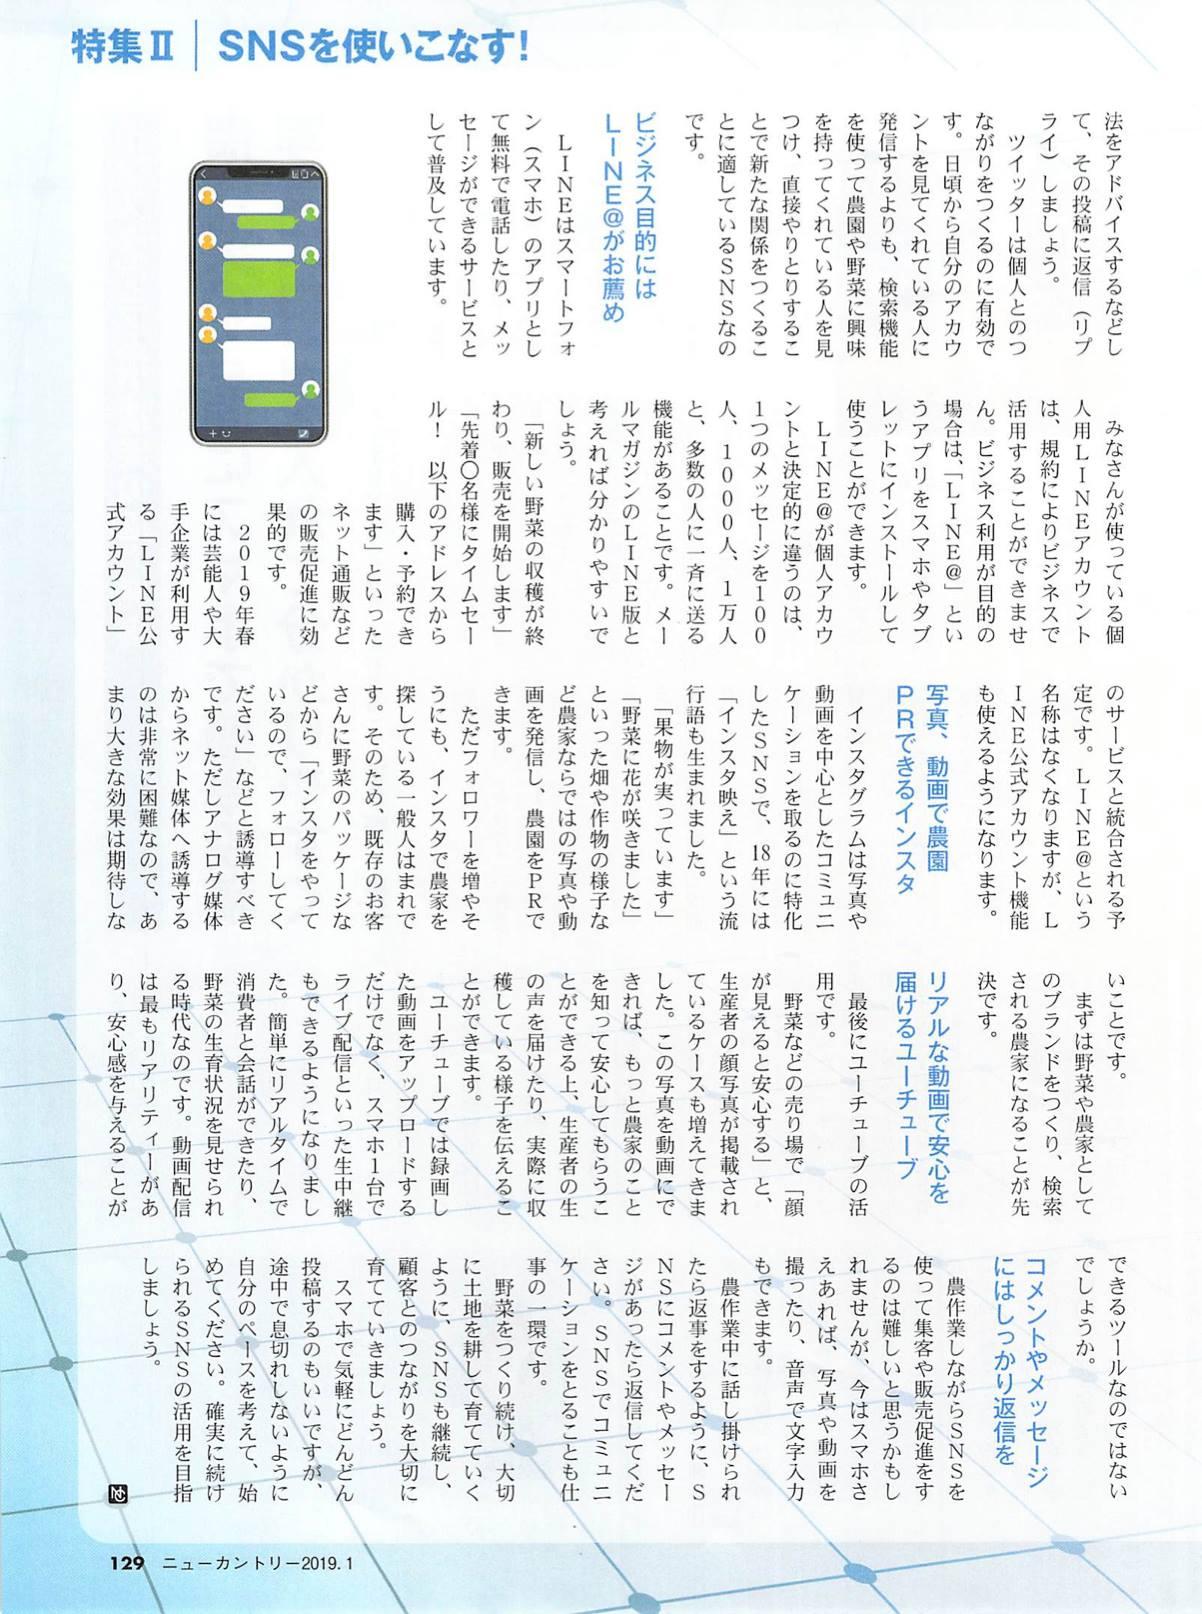 北海道の農業専門誌「ニューカントリー」2019年1月号に掲載